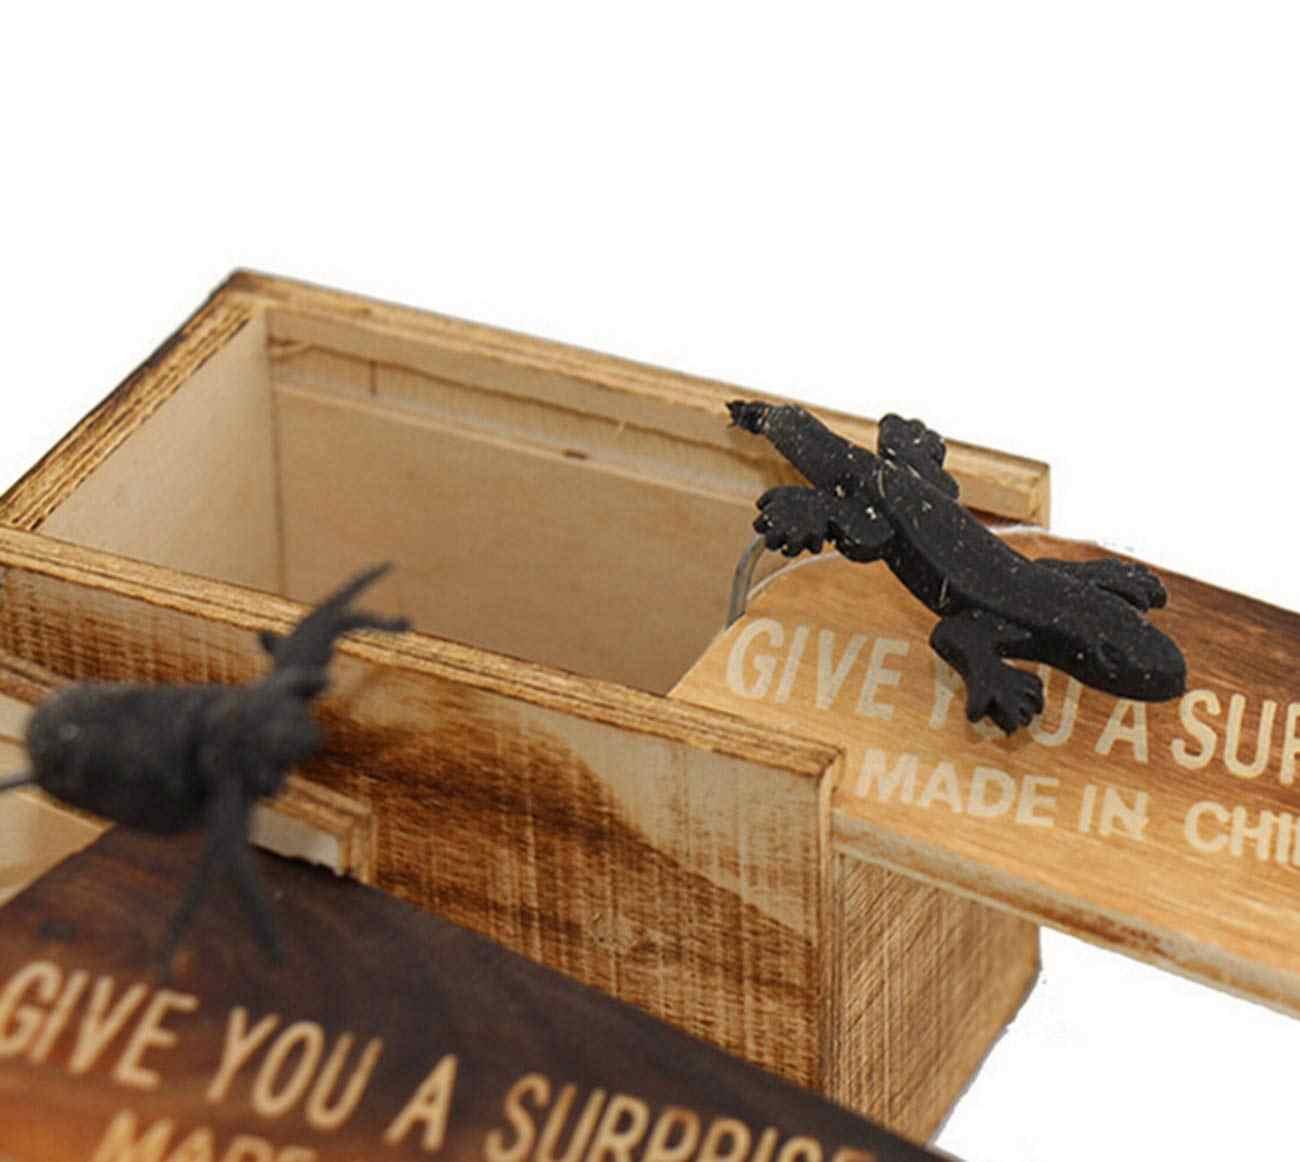 Caixa de Brinquedos Do Bebê Engraçado Tricky Gritar Surpresa Pudcoco Animais Caixa De Madeira O Melhor Presente Para As Crianças Do Bebê 2019 New Hot Dropshipping estilo